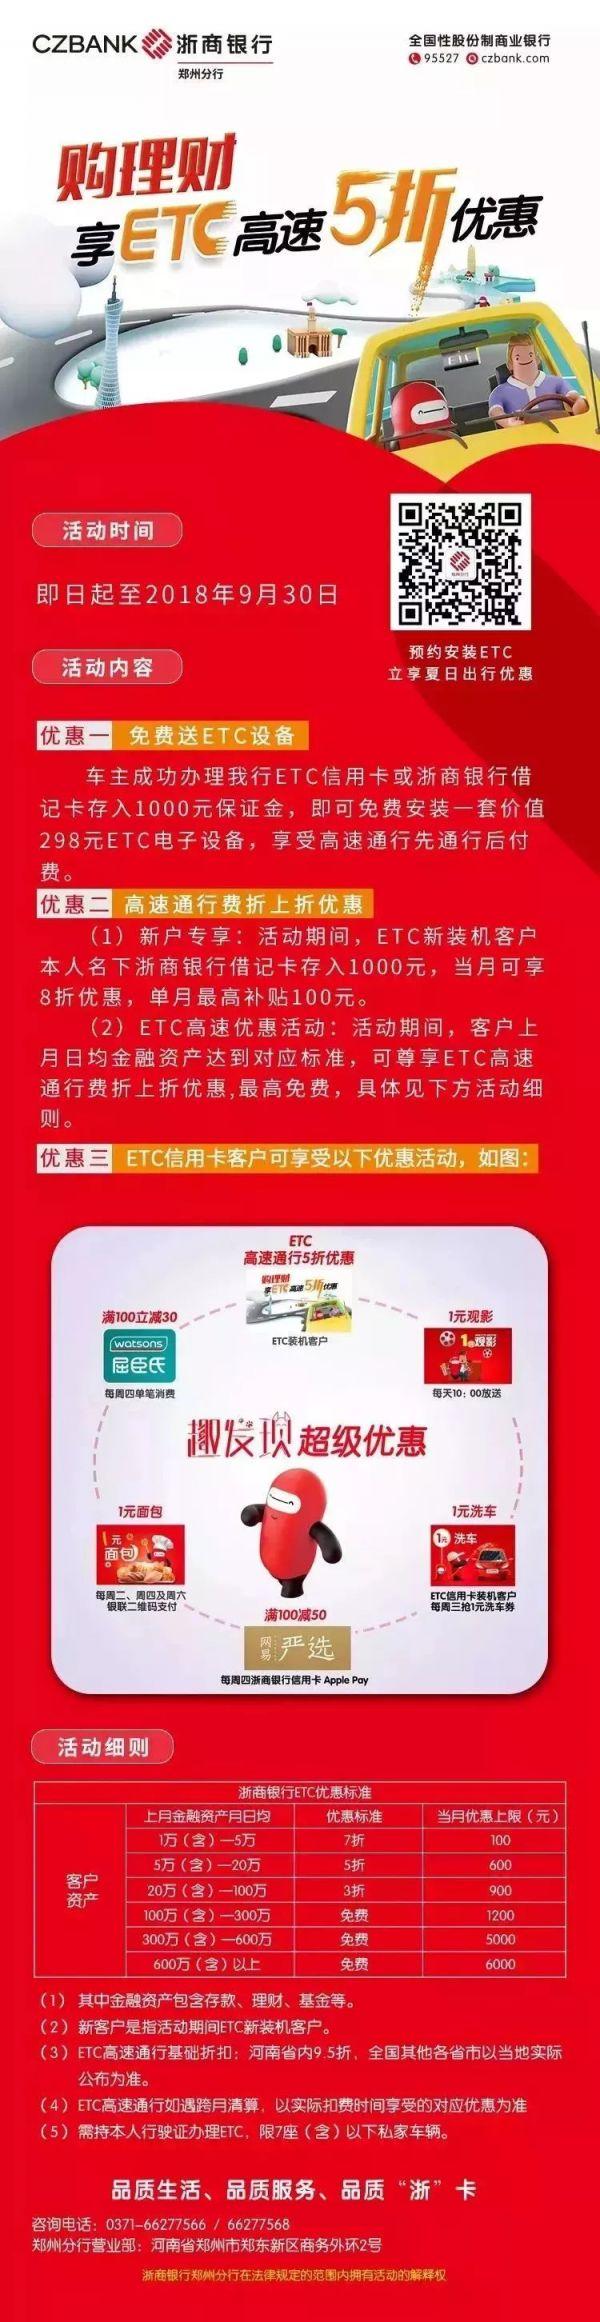 河南etc浙商银行免费办理指南(优惠 条件 时间)